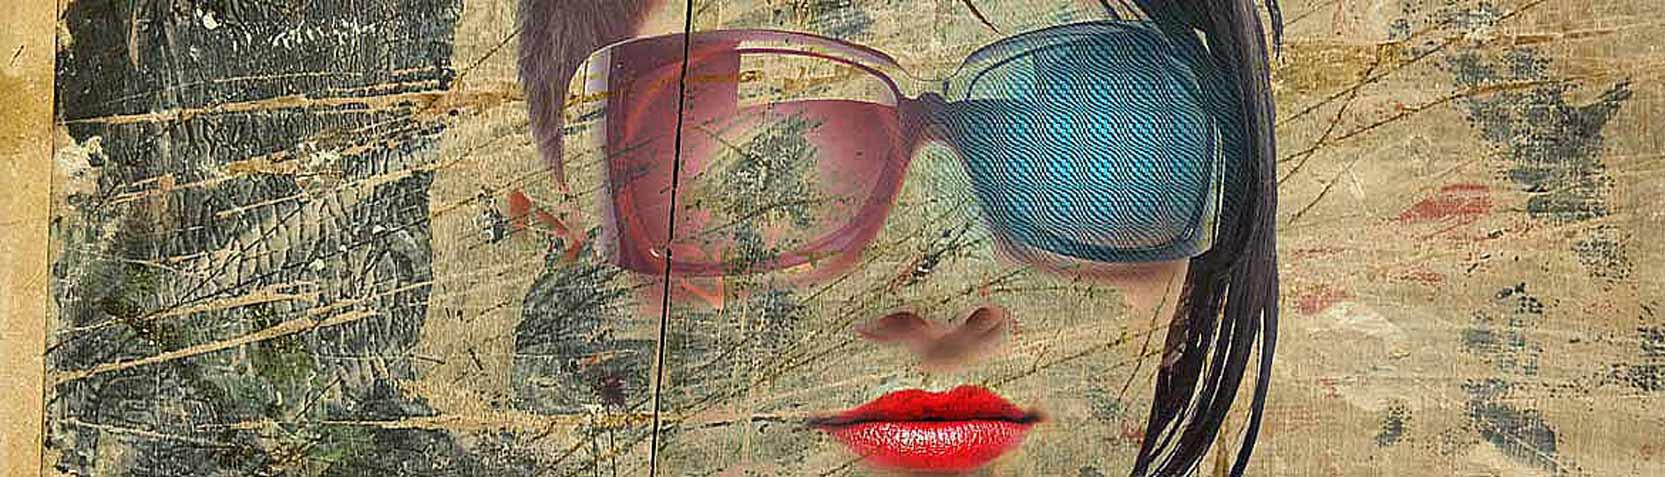 Kierunki w sztuce - Obrazy modernistyczne